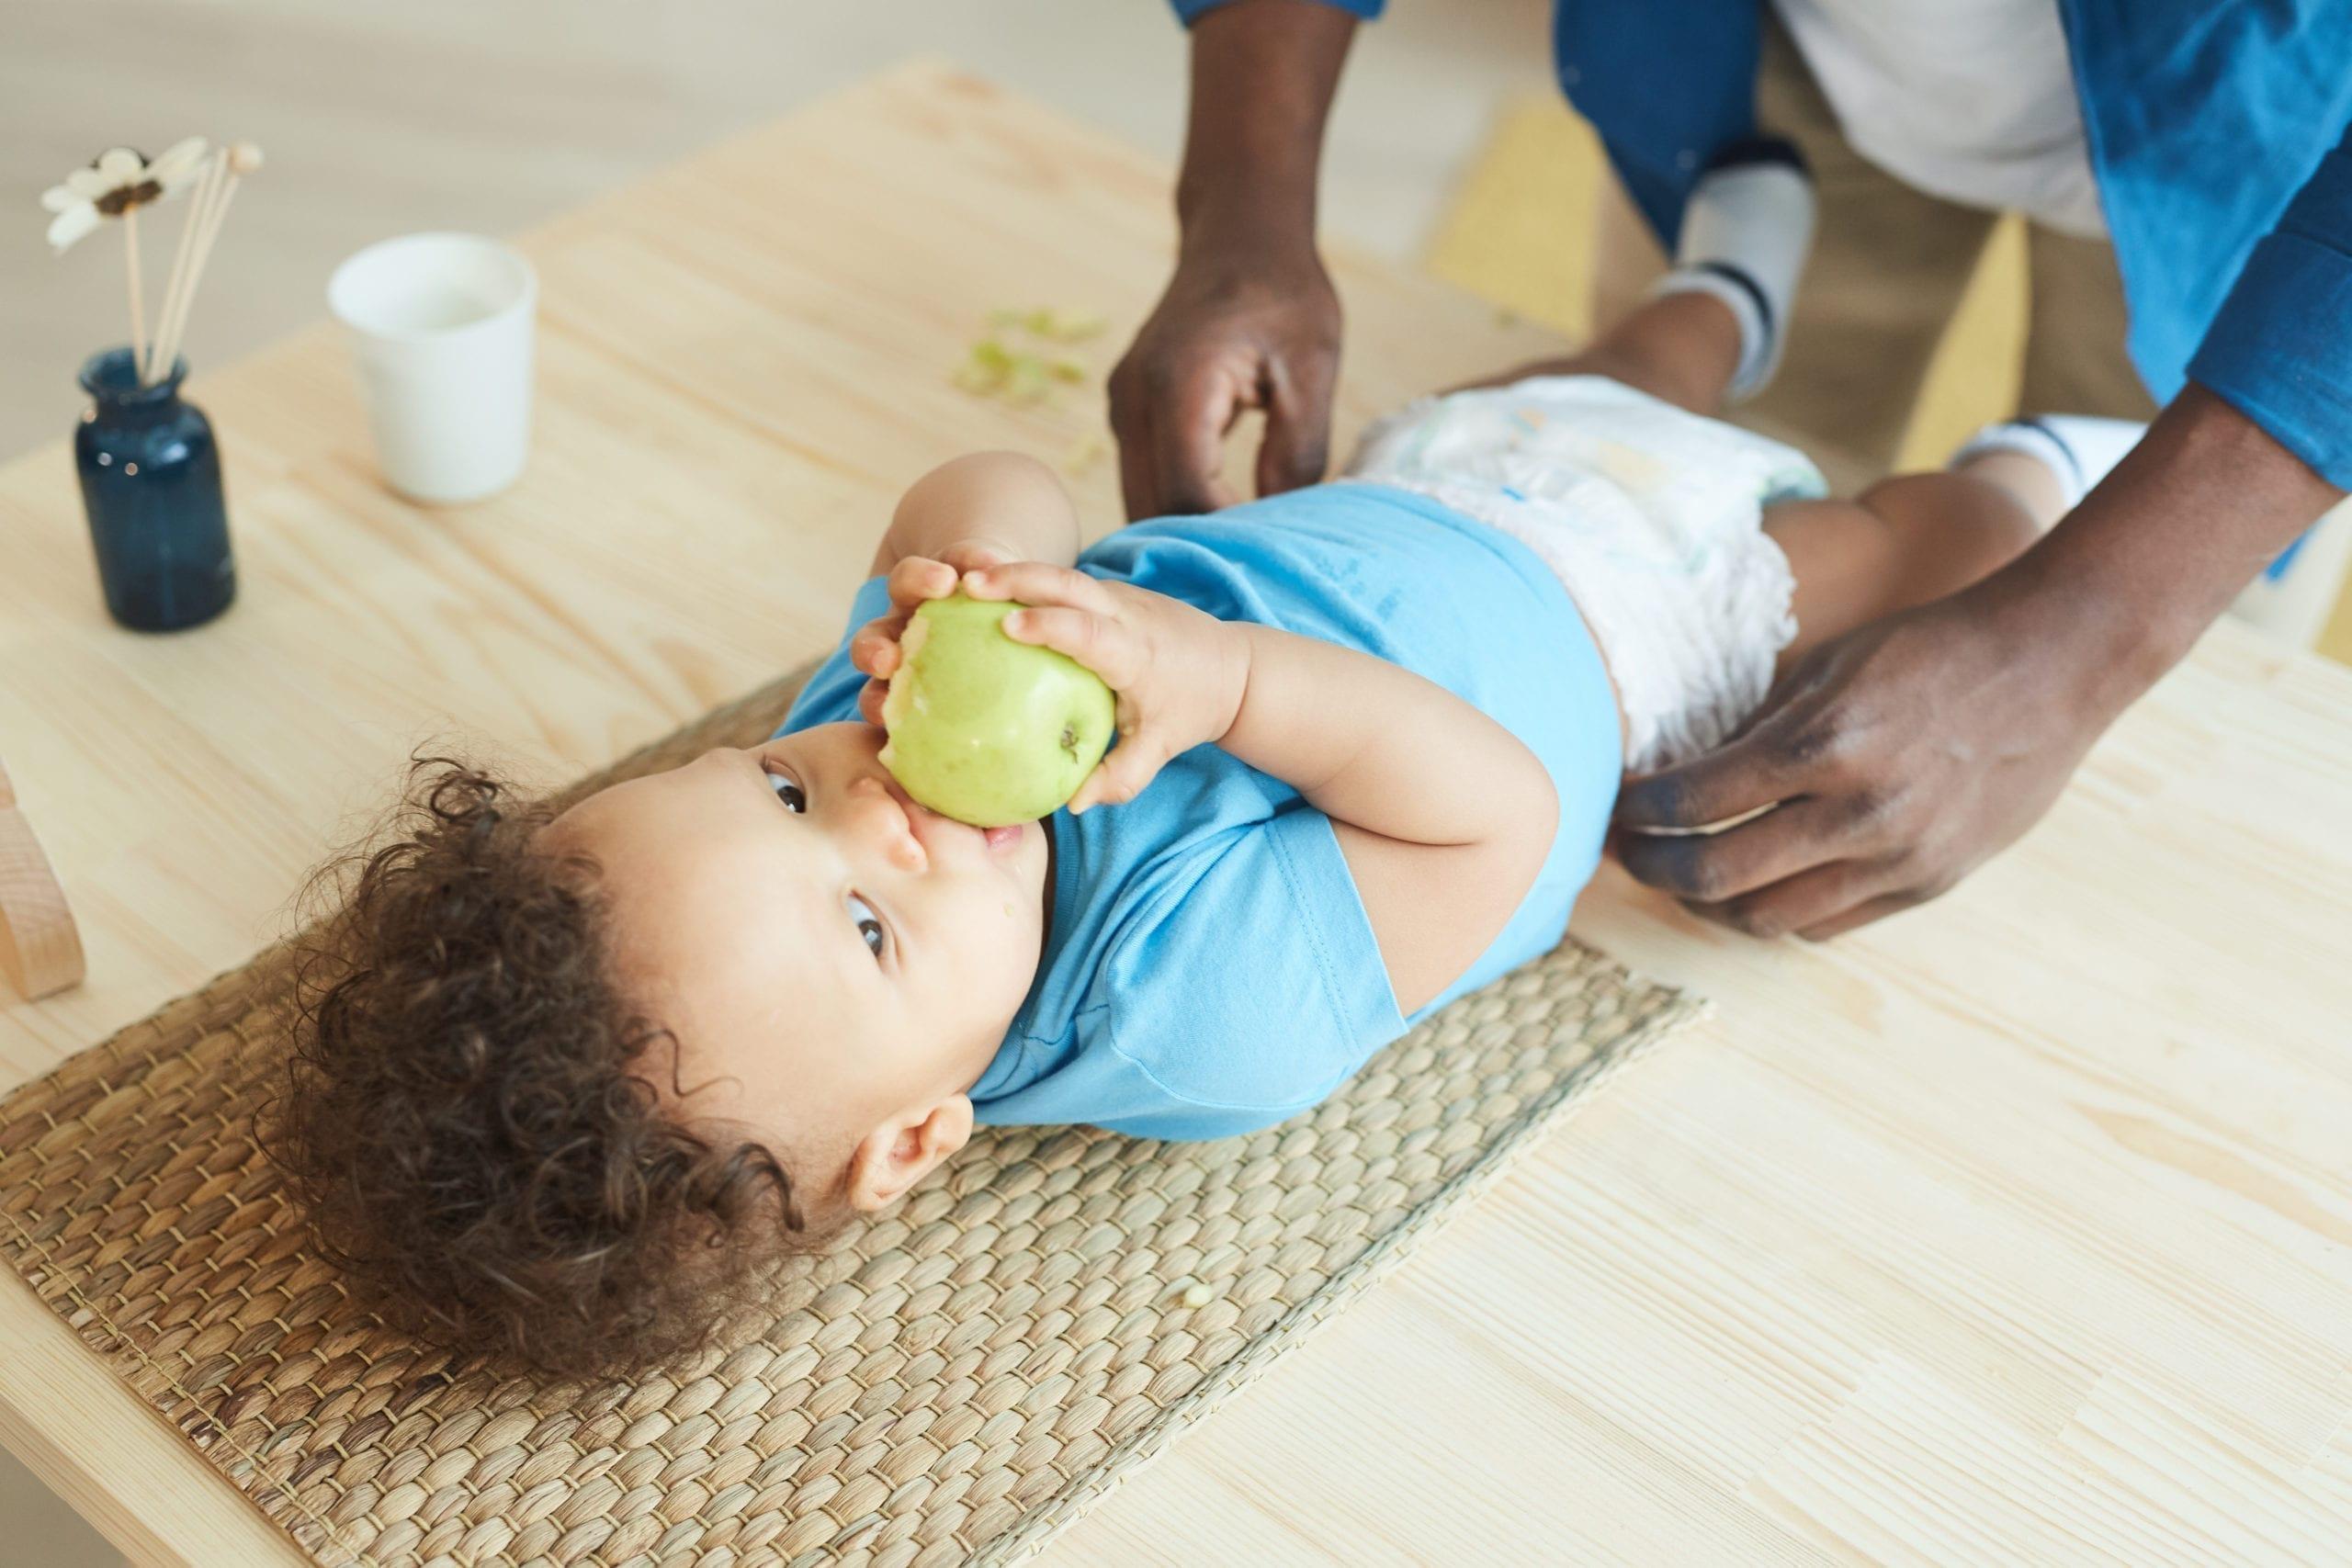 bébé allergique allongé sur la table à langer